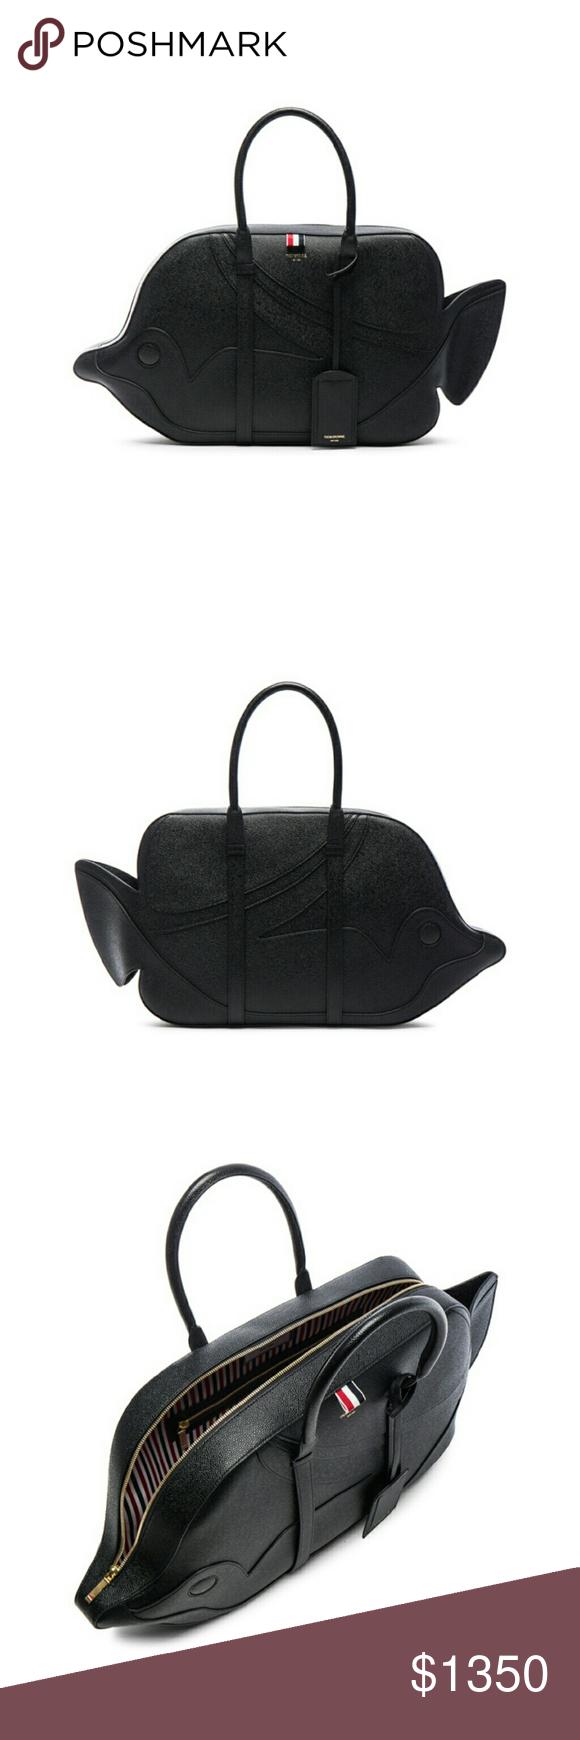 cd9f33687 Thom Browne Tiger Reef Fish Bag Black Leather Black leather 'Tiger Reef Fish'  bag